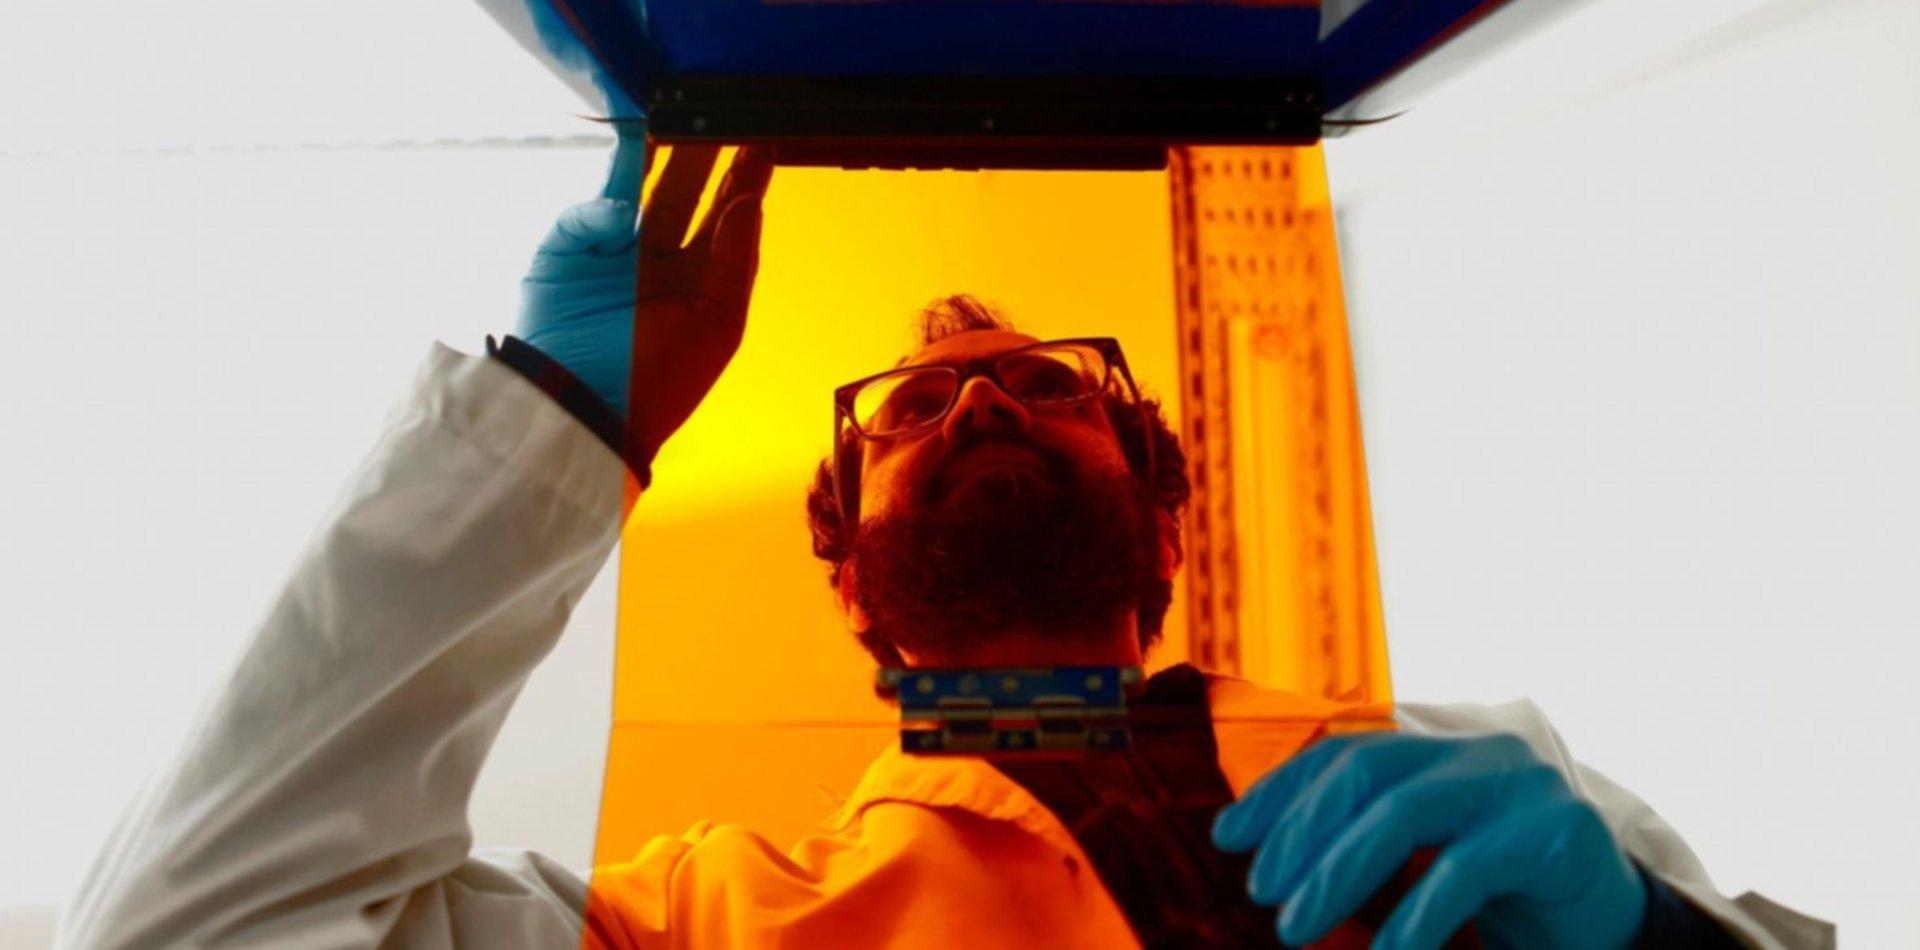 Investigadores de la UNLP avanzan con técnicas para diagonisticar con precisión la Toxoplasmosis